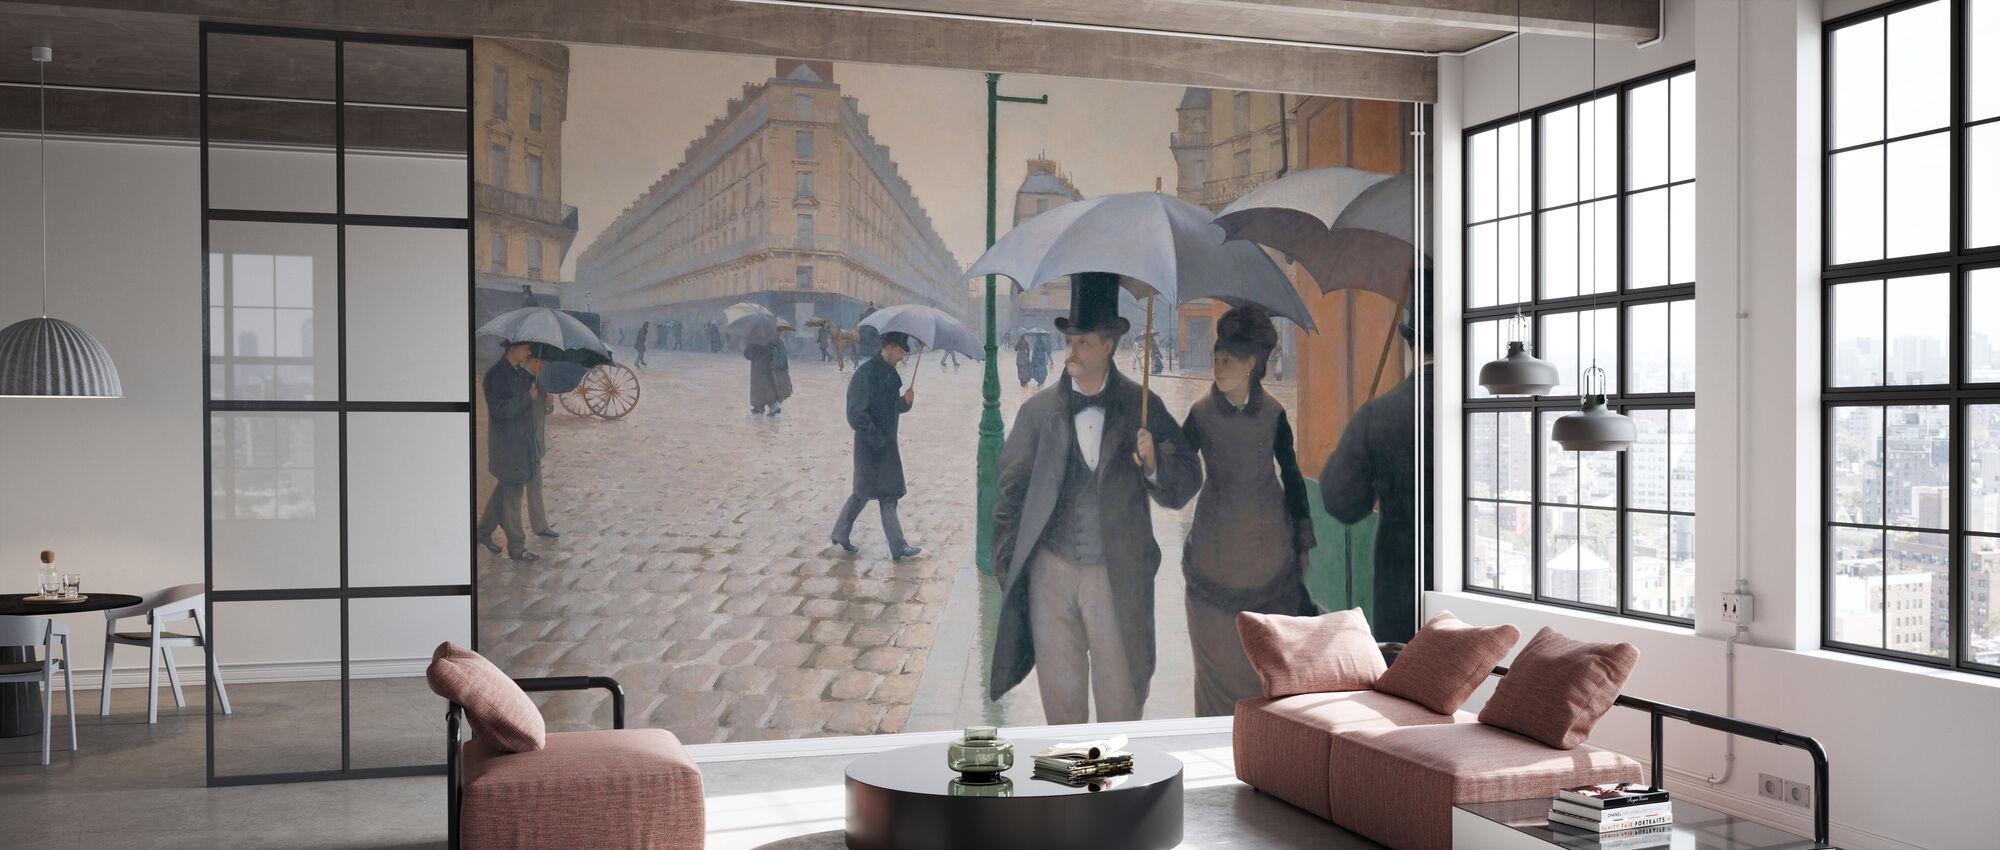 Rue Paris - Gustave Caillebotte - Papier peint - Bureau